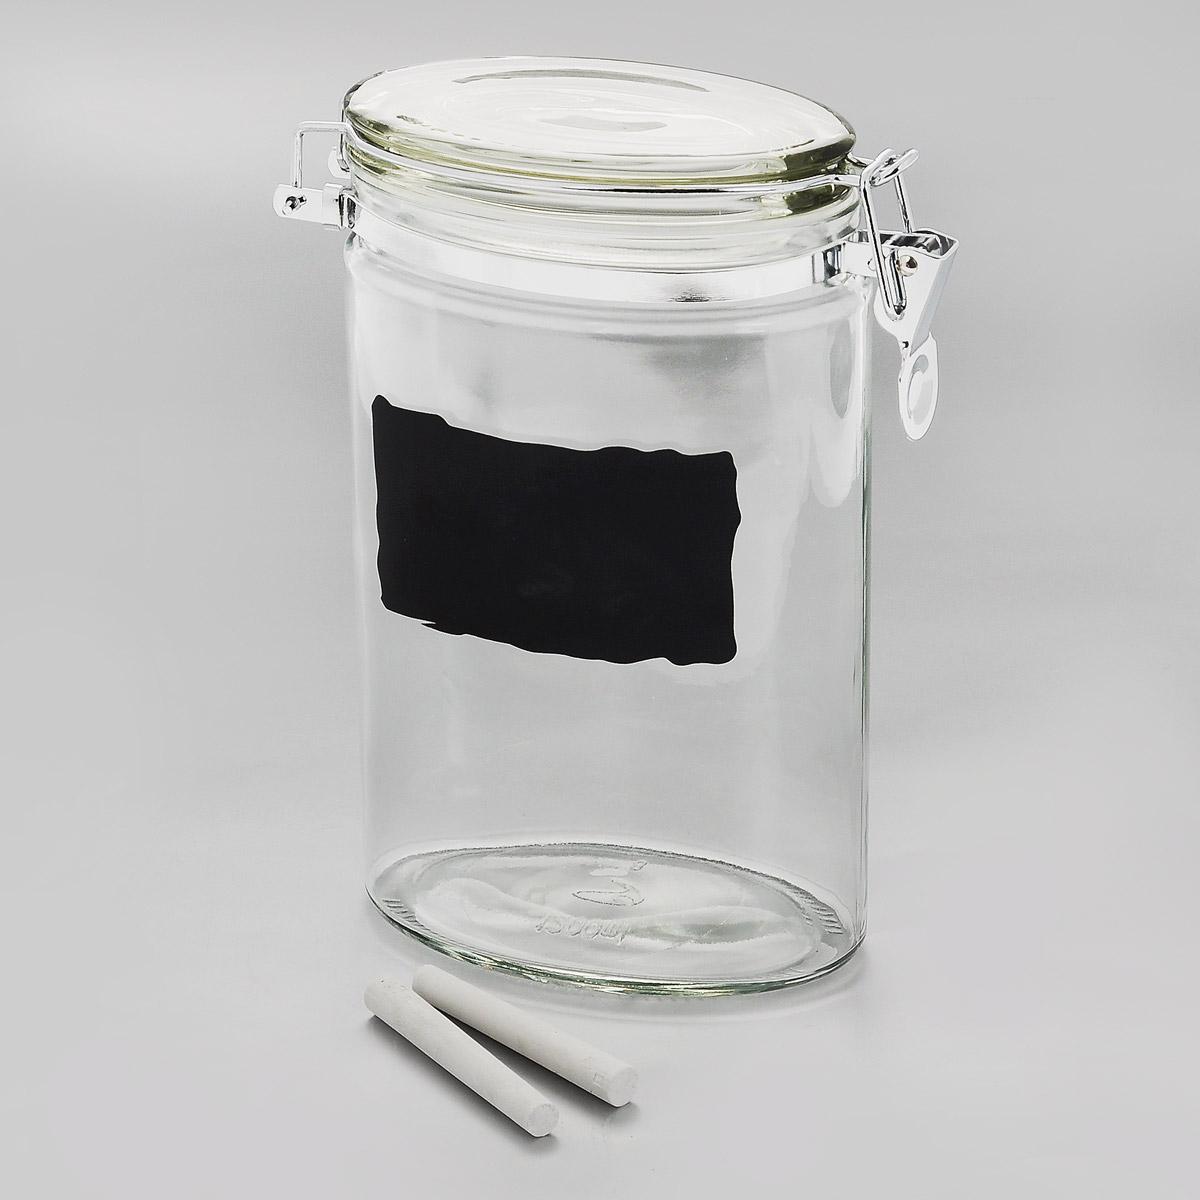 Емкость для хранения Esprado Cristella, с доской и мелками, 1,2 лЕ23Емкость для хранения Esprado Cristella изготовлена из качественного прозрачного стекла, отполированного до идеального блеска и гладкости. Изделие имеет овальную форму. Стекло термостойкое, что позволяет использовать емкость Esprado при различных температурах (от -15°С до +100°С). Это делает ее функциональным и универсальным кухонным аксессуаром. Емкость очень вместительна, поэтому прекрасно подходит для хранения круп, макарон, кофе, орехов, специй и других сыпучих продуктов. Изделие оснащено крышкой с силиконовой прослойкой, которая плотно закрывается металлическим зажимом. Это обеспечивает герметичность и дольше сохраняет продукты свежими. Благодаря различным дизайнерским решениям такая емкость дополнит и украсит интерьер любой кухни. На внешней стенке имеется доска, на которой можно записать название продуктов (2 мелка в комплекте). Емкости для хранения из коллекции Cristella разработаны на основе эргономичных дизайнерских решений, которые позволяют максимально эффективно и рационально использовать кухонные поверхности. Благодаря универсальному внешнему виду, они будут привлекательно смотреться в интерьере любой кухни. Емкости для хранения незаменимы на кухне: они помогают сохранить свежесть продуктов, защищают от попадания излишней влаги и позволяют эффективно использовать ограниченное кухонное пространство. Не использовать в духовом шкафу, микроволновой печи и посудомоечной машине.